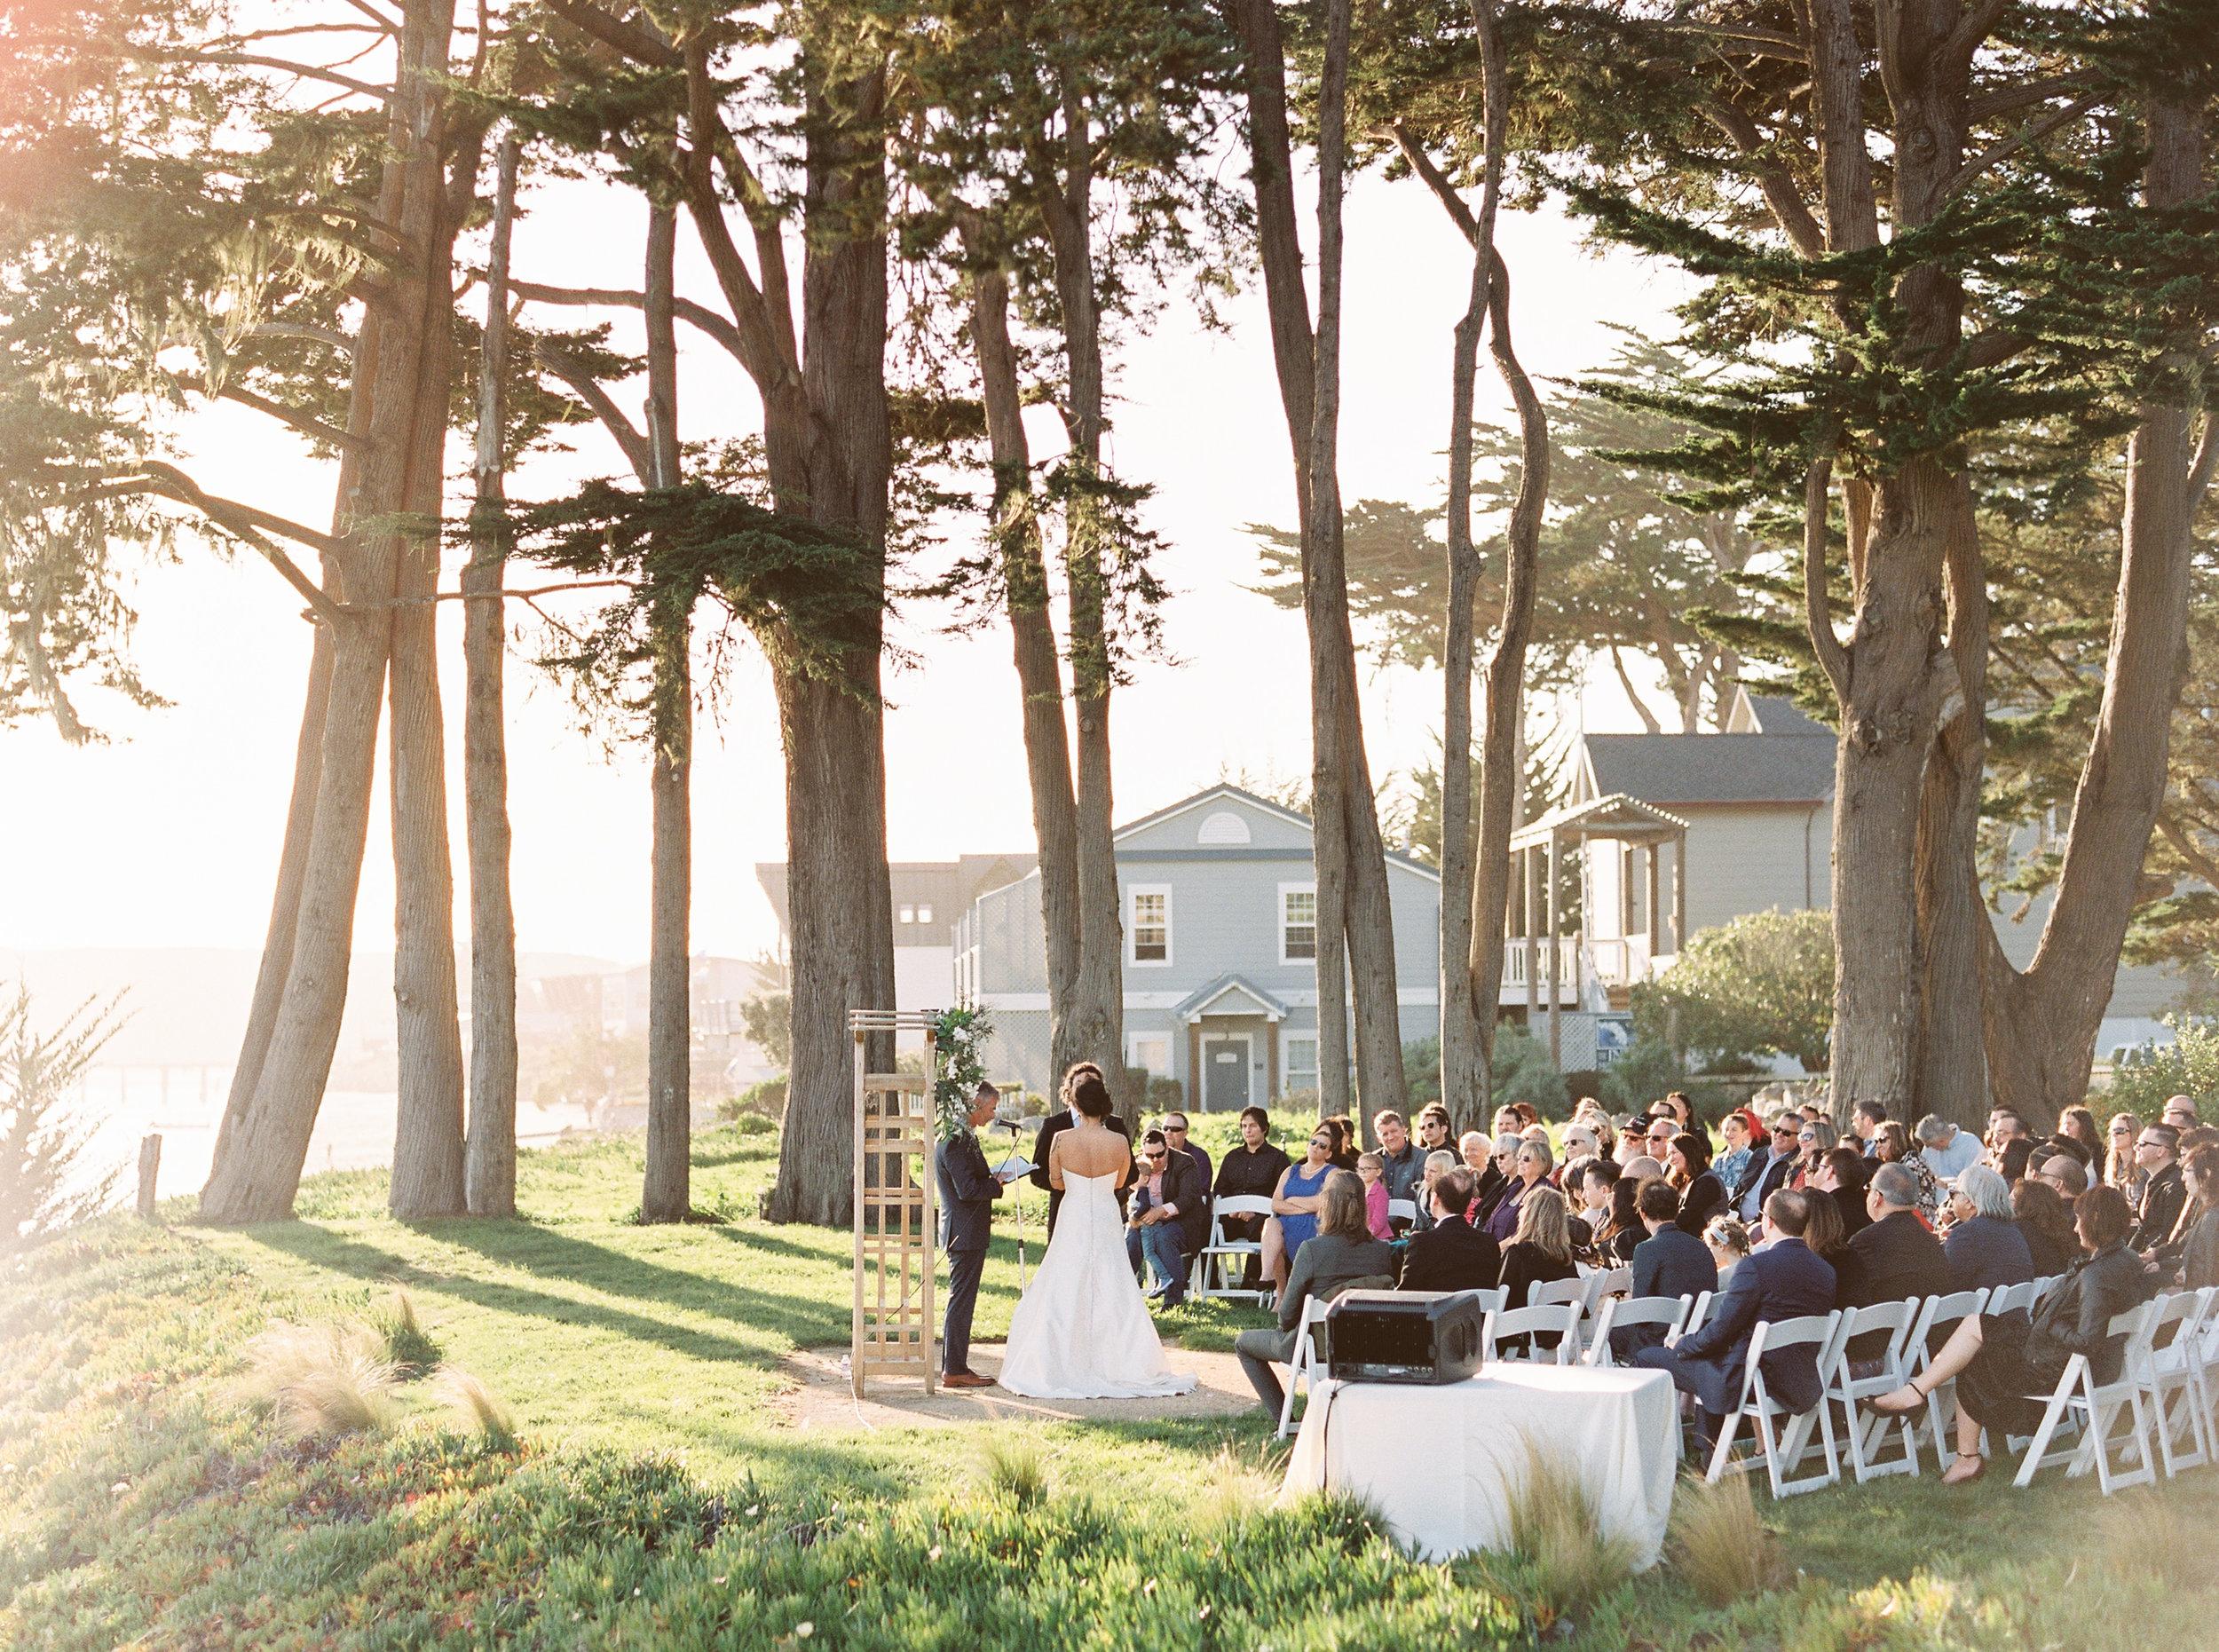 Mavericks-event-center-wedding-in-half-moon-bay-california597.jpg